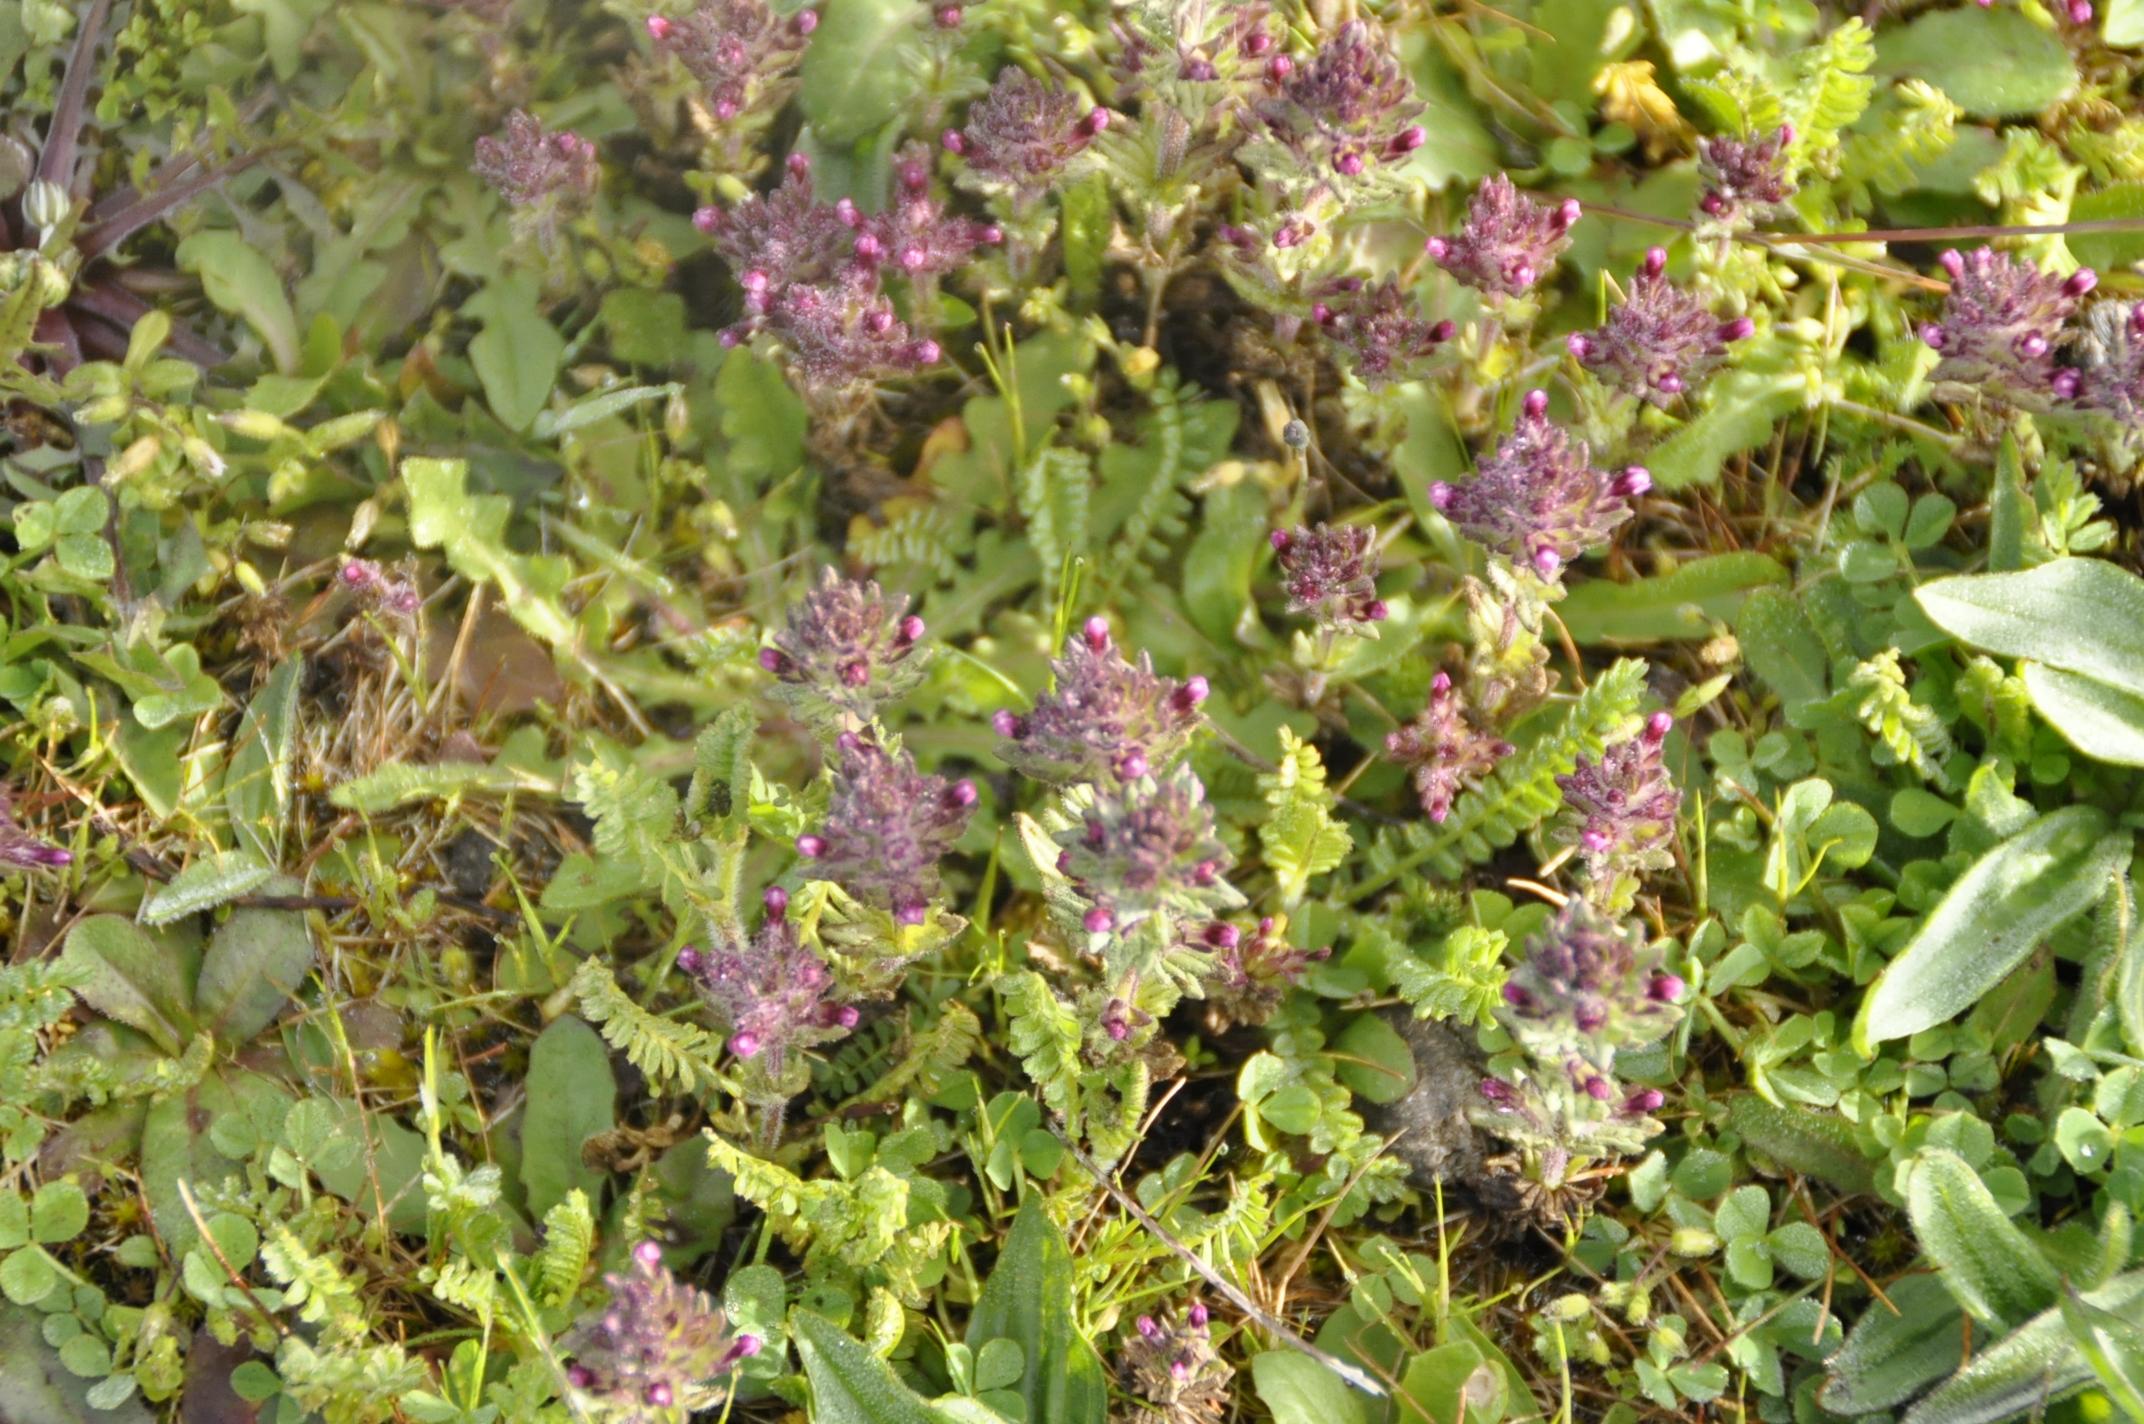 Parentucellia latifolia Las Obreras de Aliste CB Artesanos de la Miel Aliste Gallegos del Campo Artesanos de la Miel